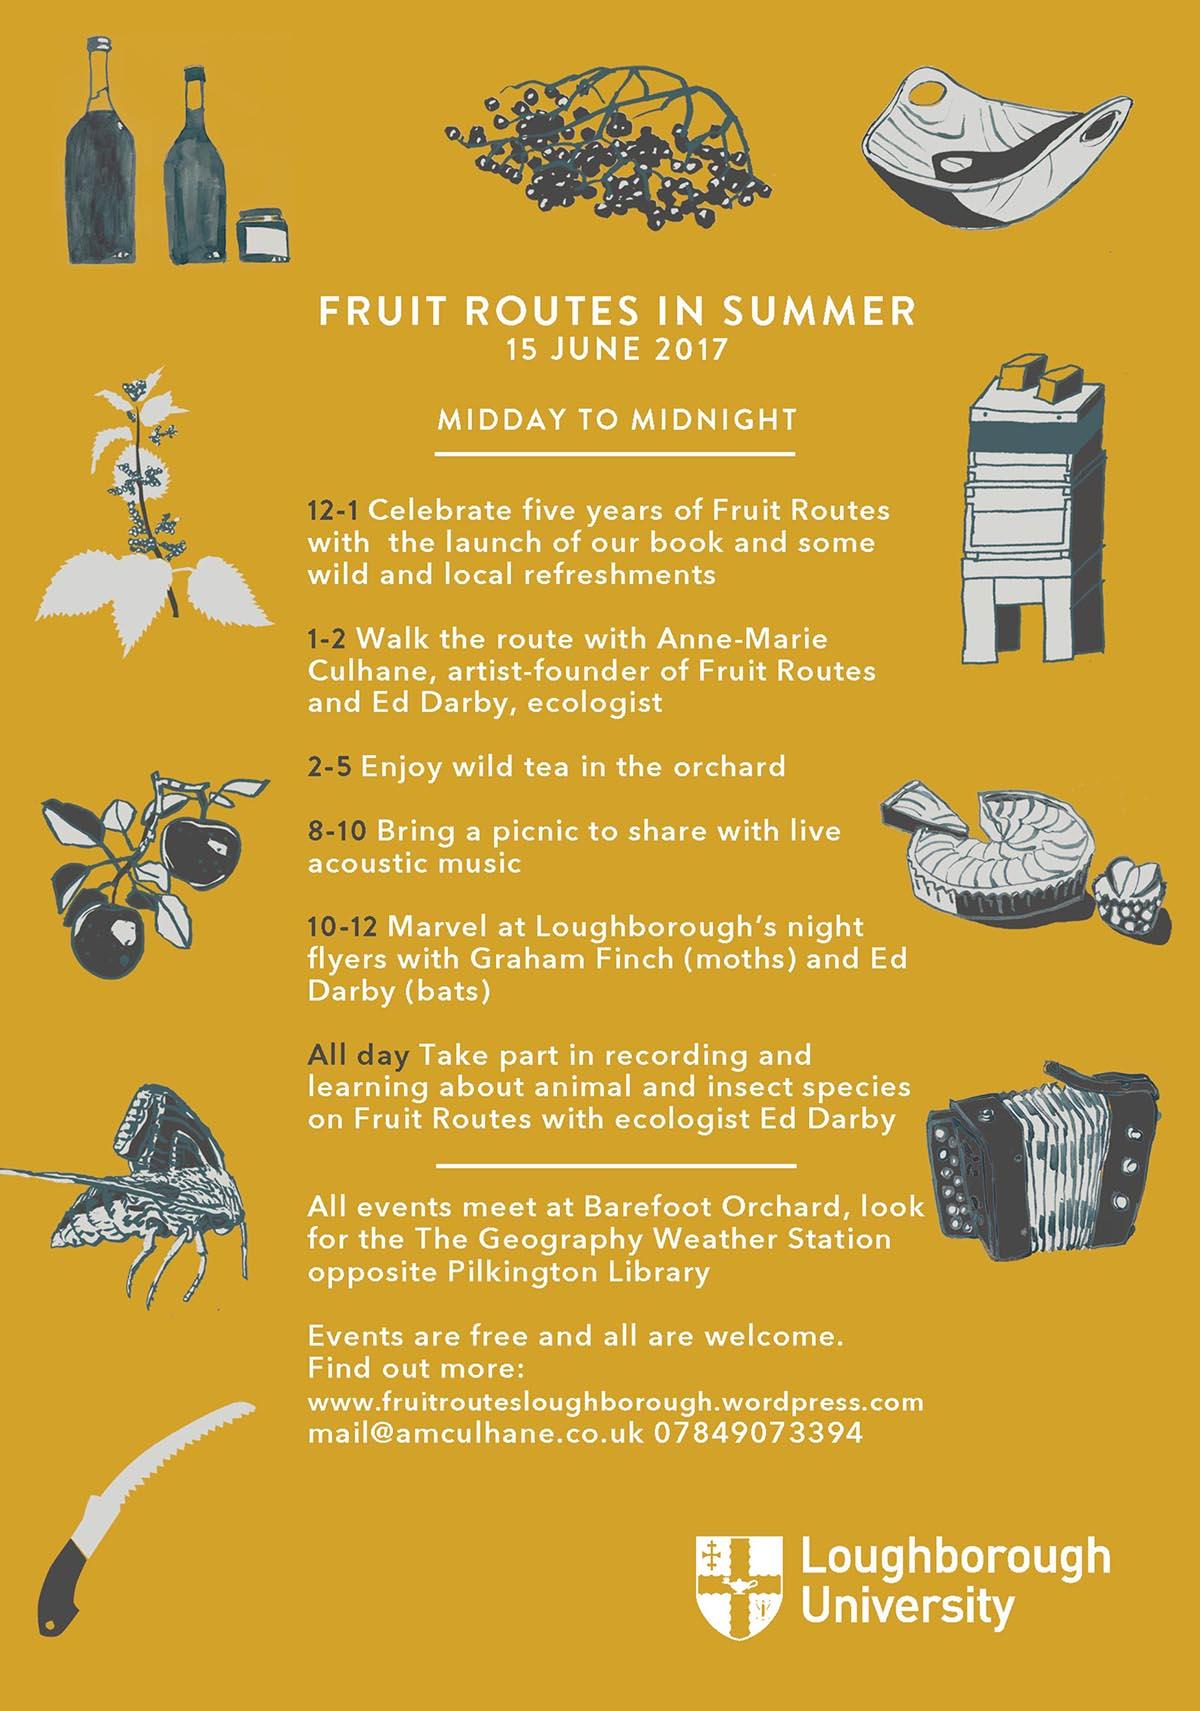 fruitroutessummer17